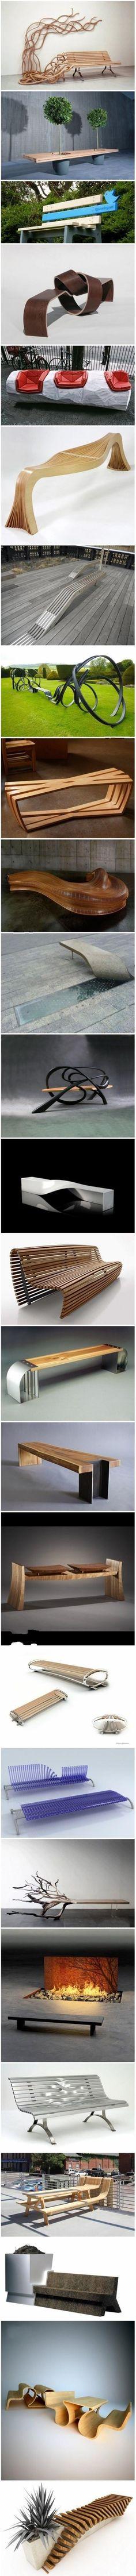 26 public benches design